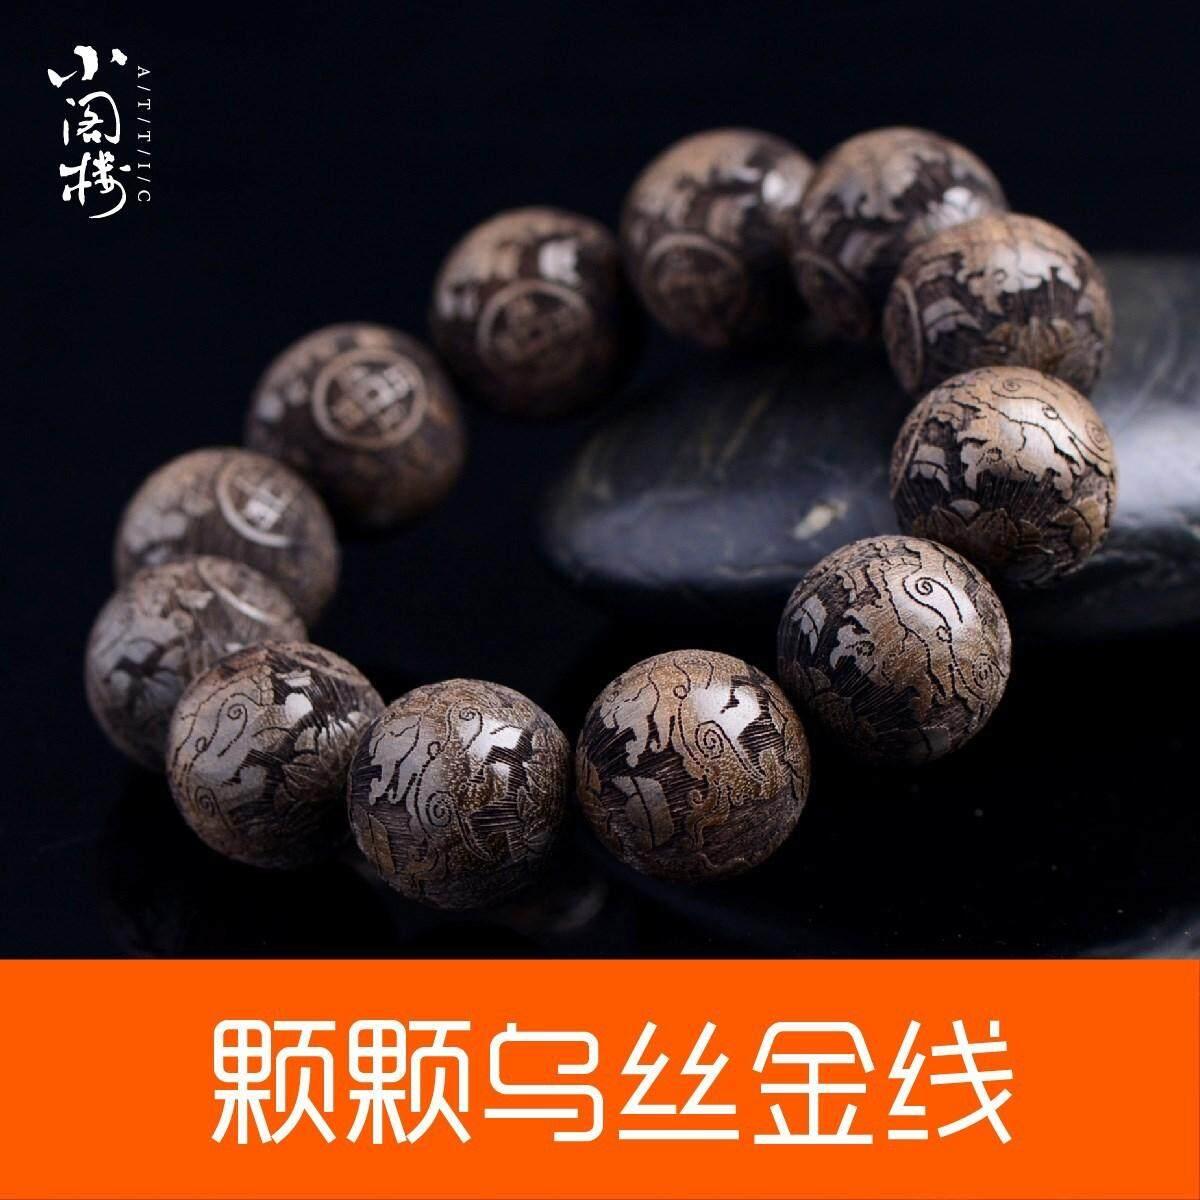 Fitur Mendatangkan Keberuntungan Gelang Manik Emas Phoebe Kayu Hitam Budha Detail Gambar Ukiran Terbaru